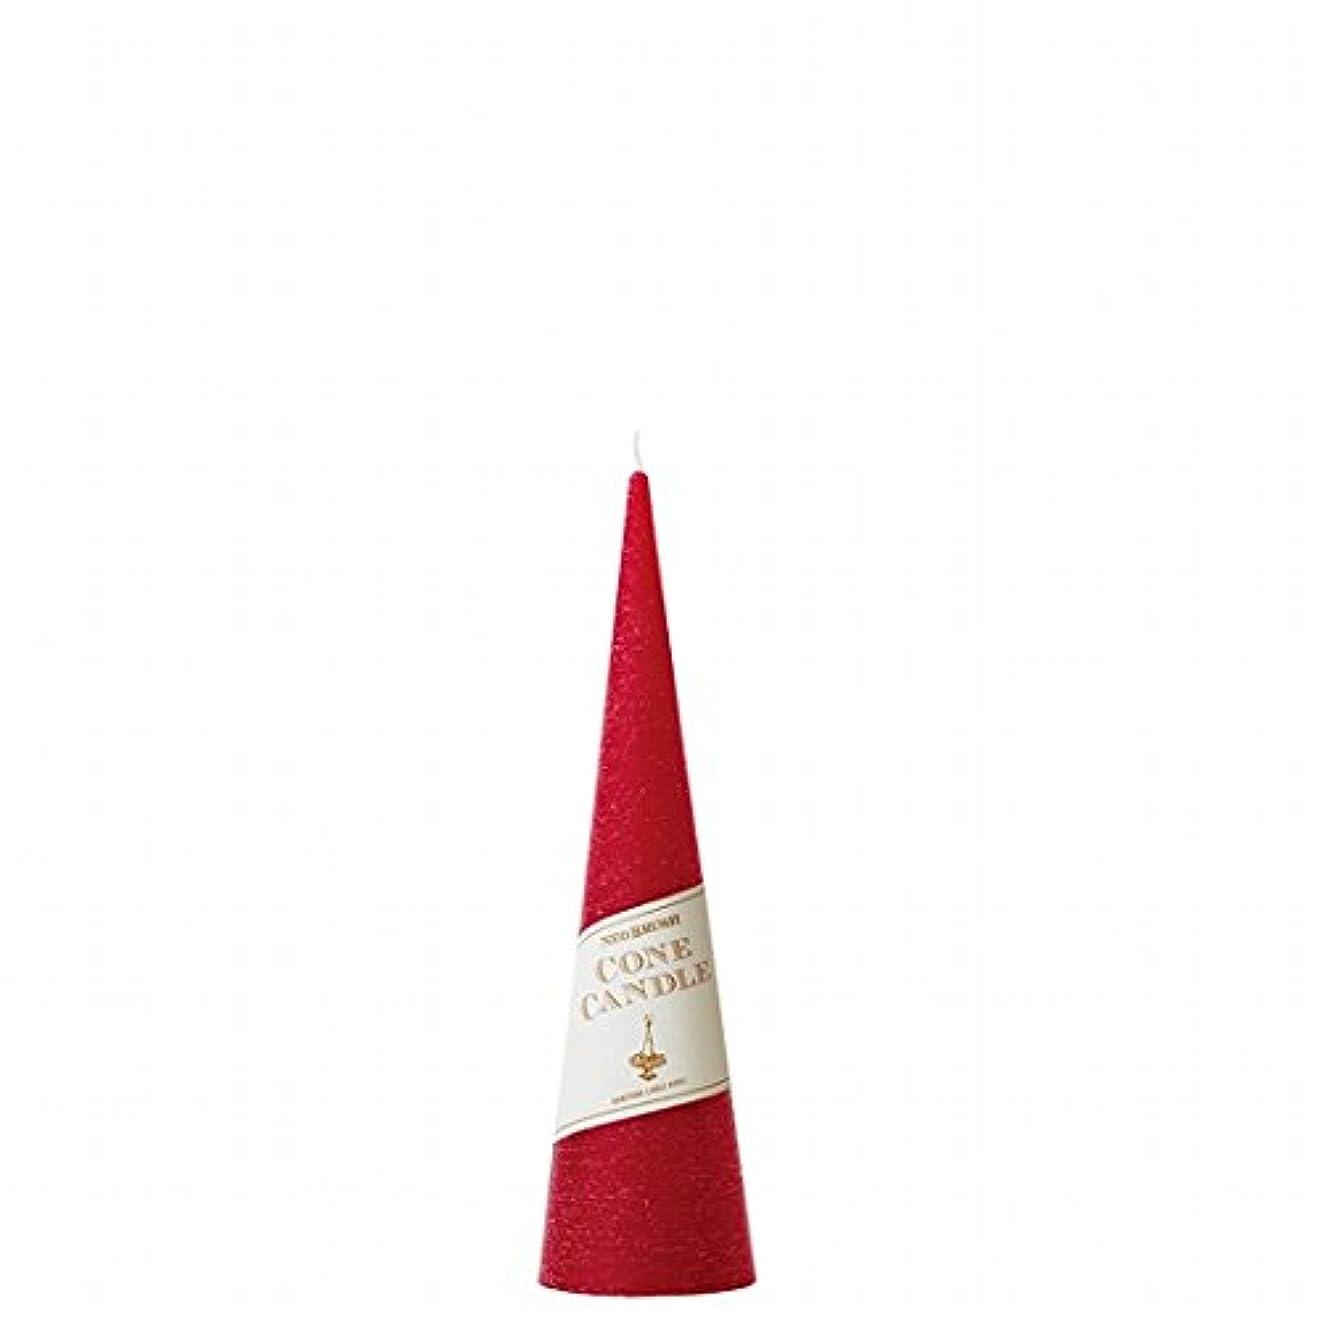 苦しみ注入慣らすカメヤマキャンドル(kameyama candle) ネオブラッシュコーン 180 キャンドル 「 レッド 」